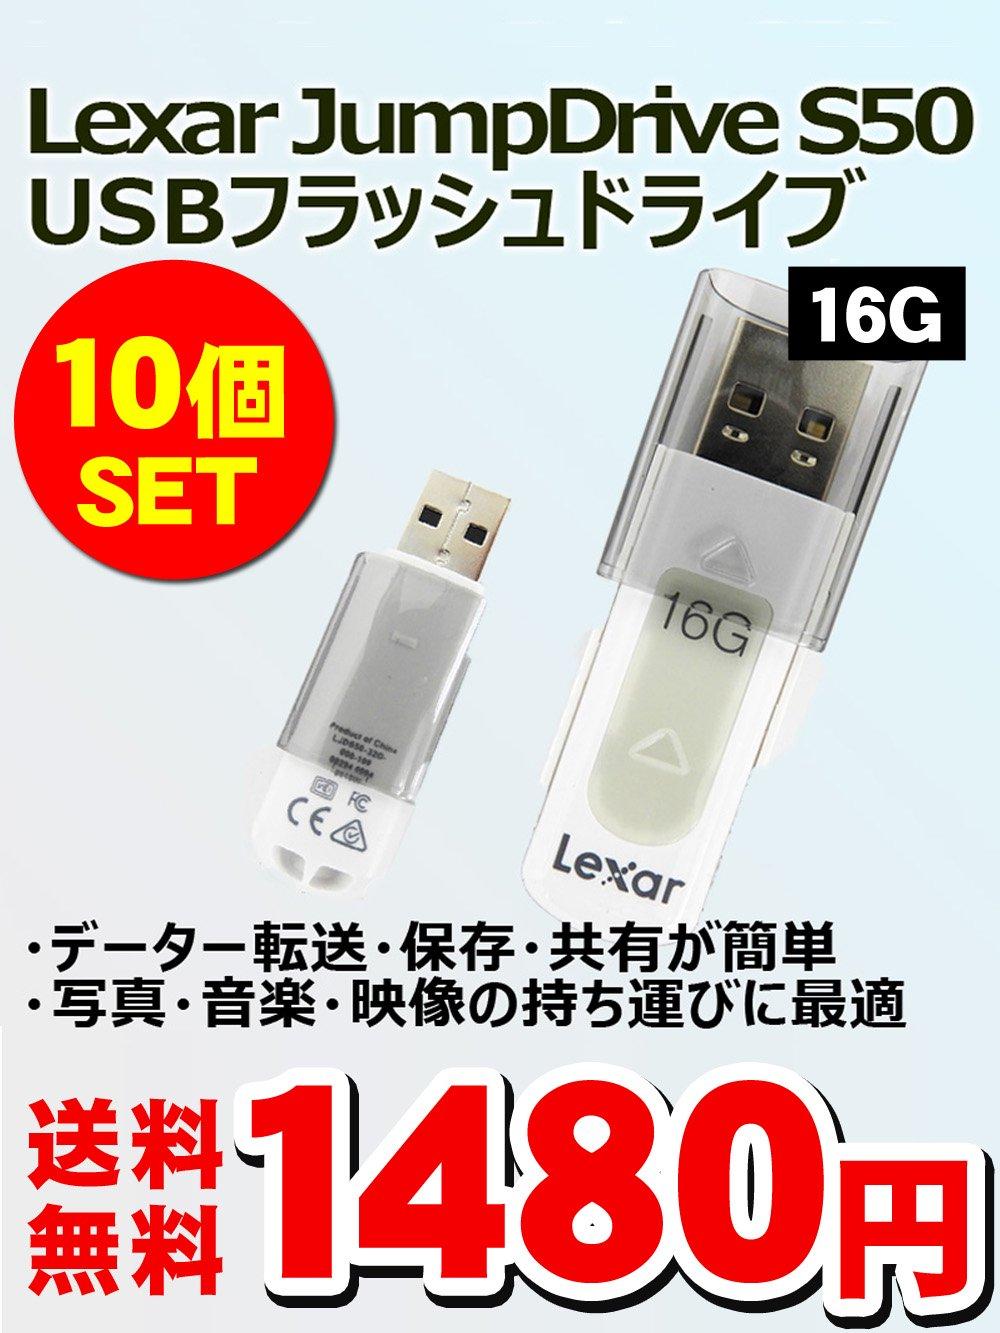 【送料無料】Lexar JumpDrive s50 USBフラッシュドライブ16G【10個セット】 @1480